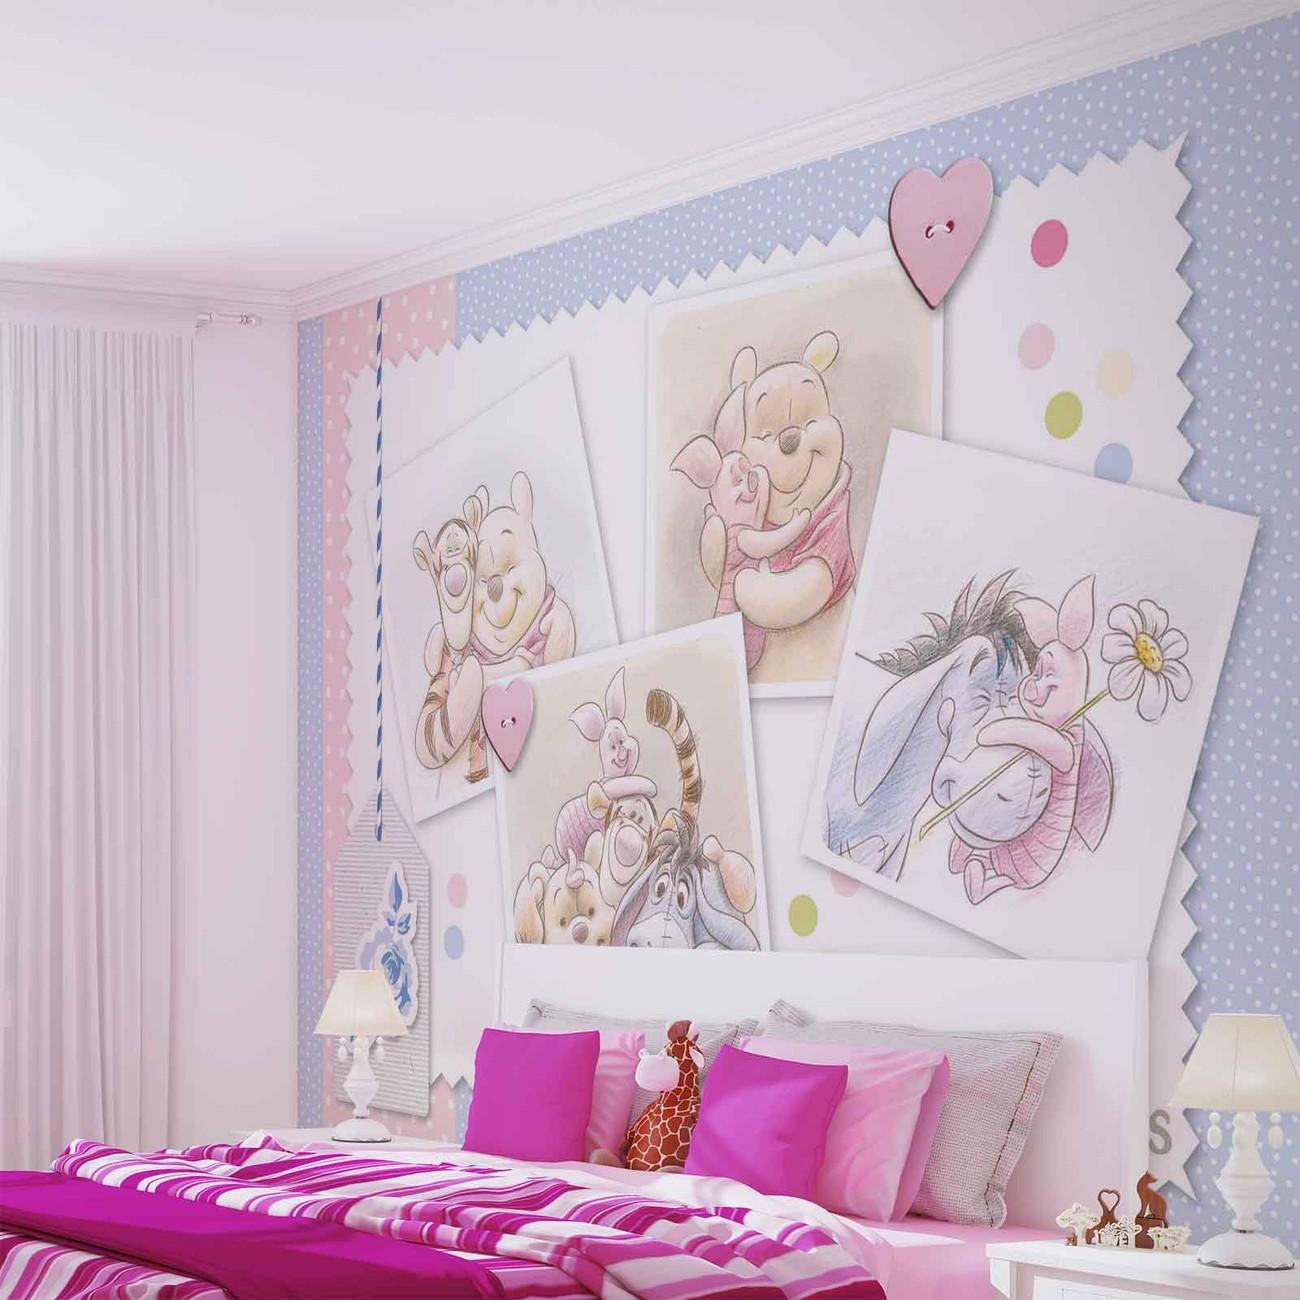 Eeyore Wall Stickers Disney Winnie Pooh Piglet Eeyore Tigger Wall Paper Mural